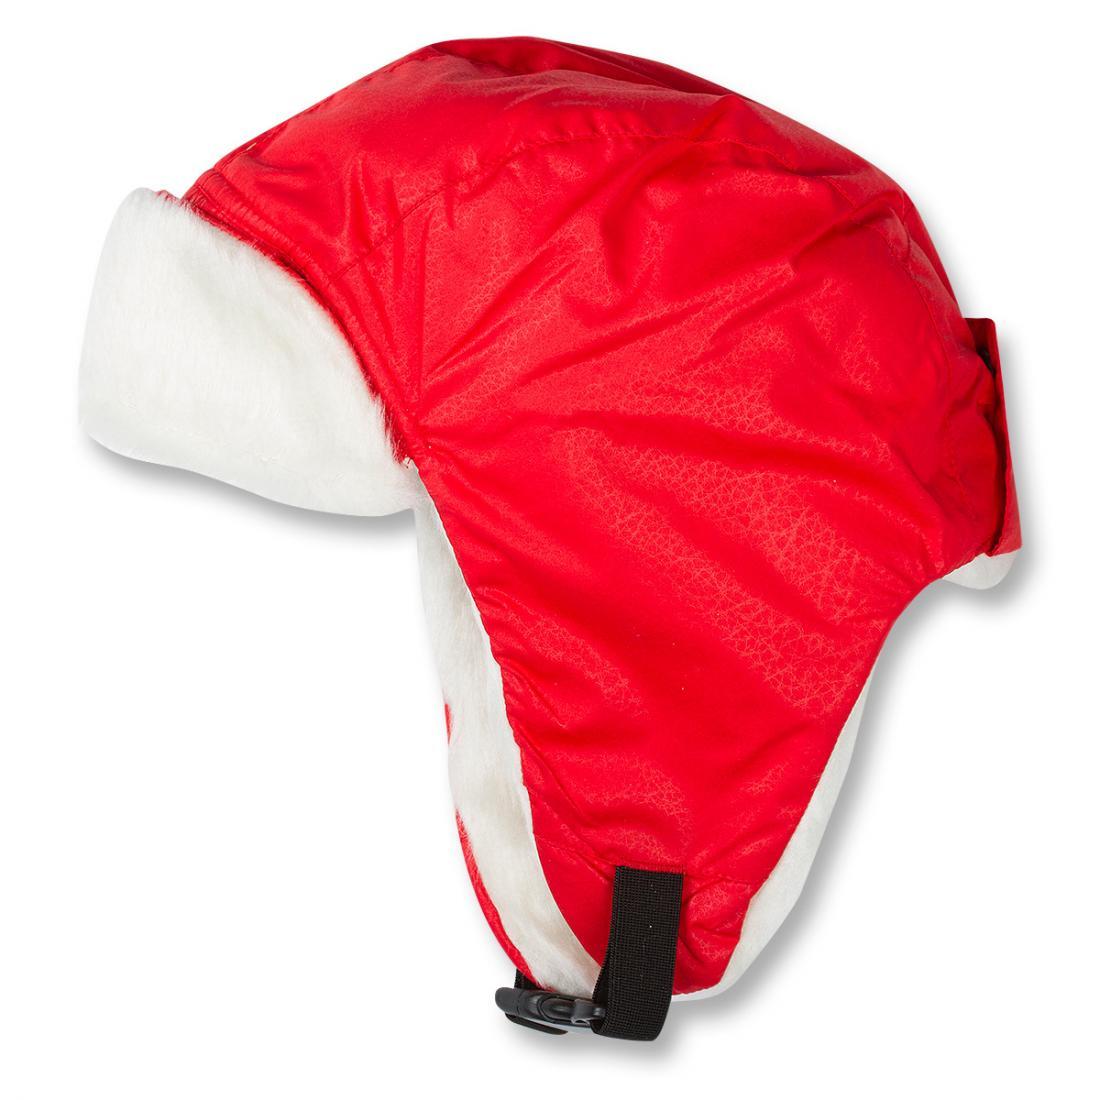 Шапка AmnistiaУшанки<br><br> Удобная шапка-ушанка классического дизайна.<br><br><br> Основные характеристики:<br><br><br>комфортная посадка<br>эргономичная конструкция кроя<br>отделка из искусственного меха<br>регулировка по высоте<br>&lt;...<br><br>Цвет: Красный<br>Размер: 56